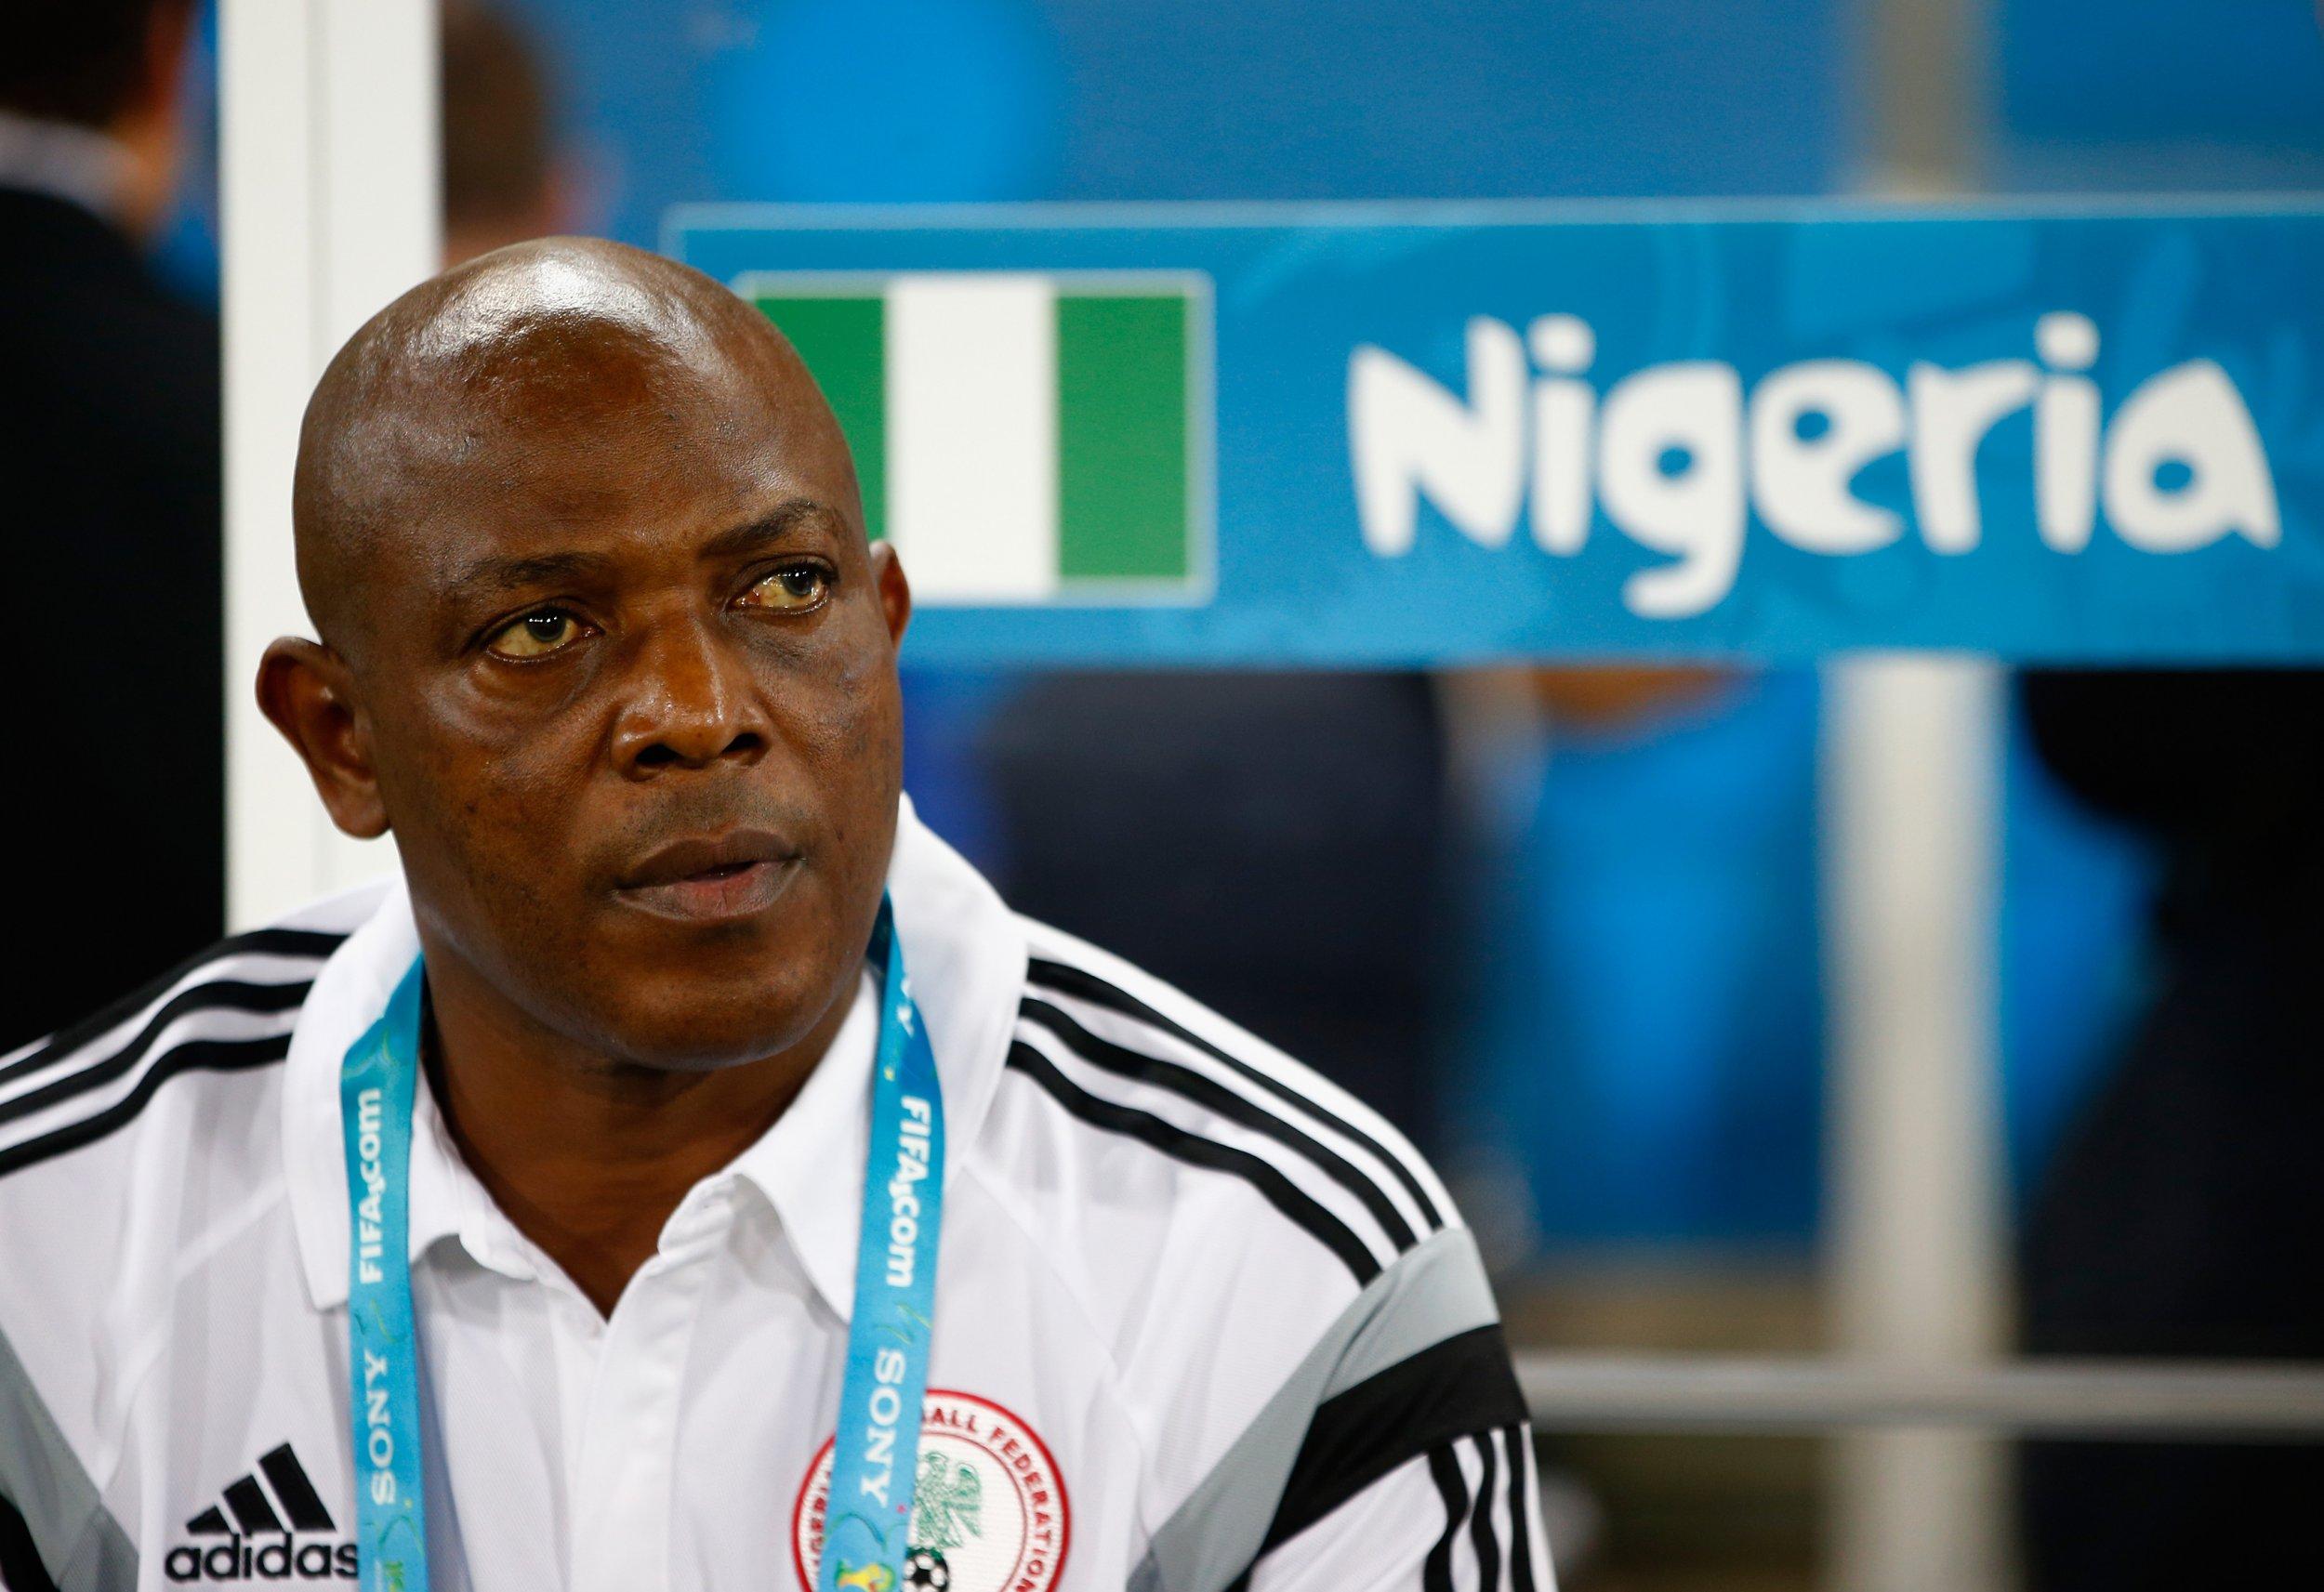 Former Nigeria coach Stephen Keshi